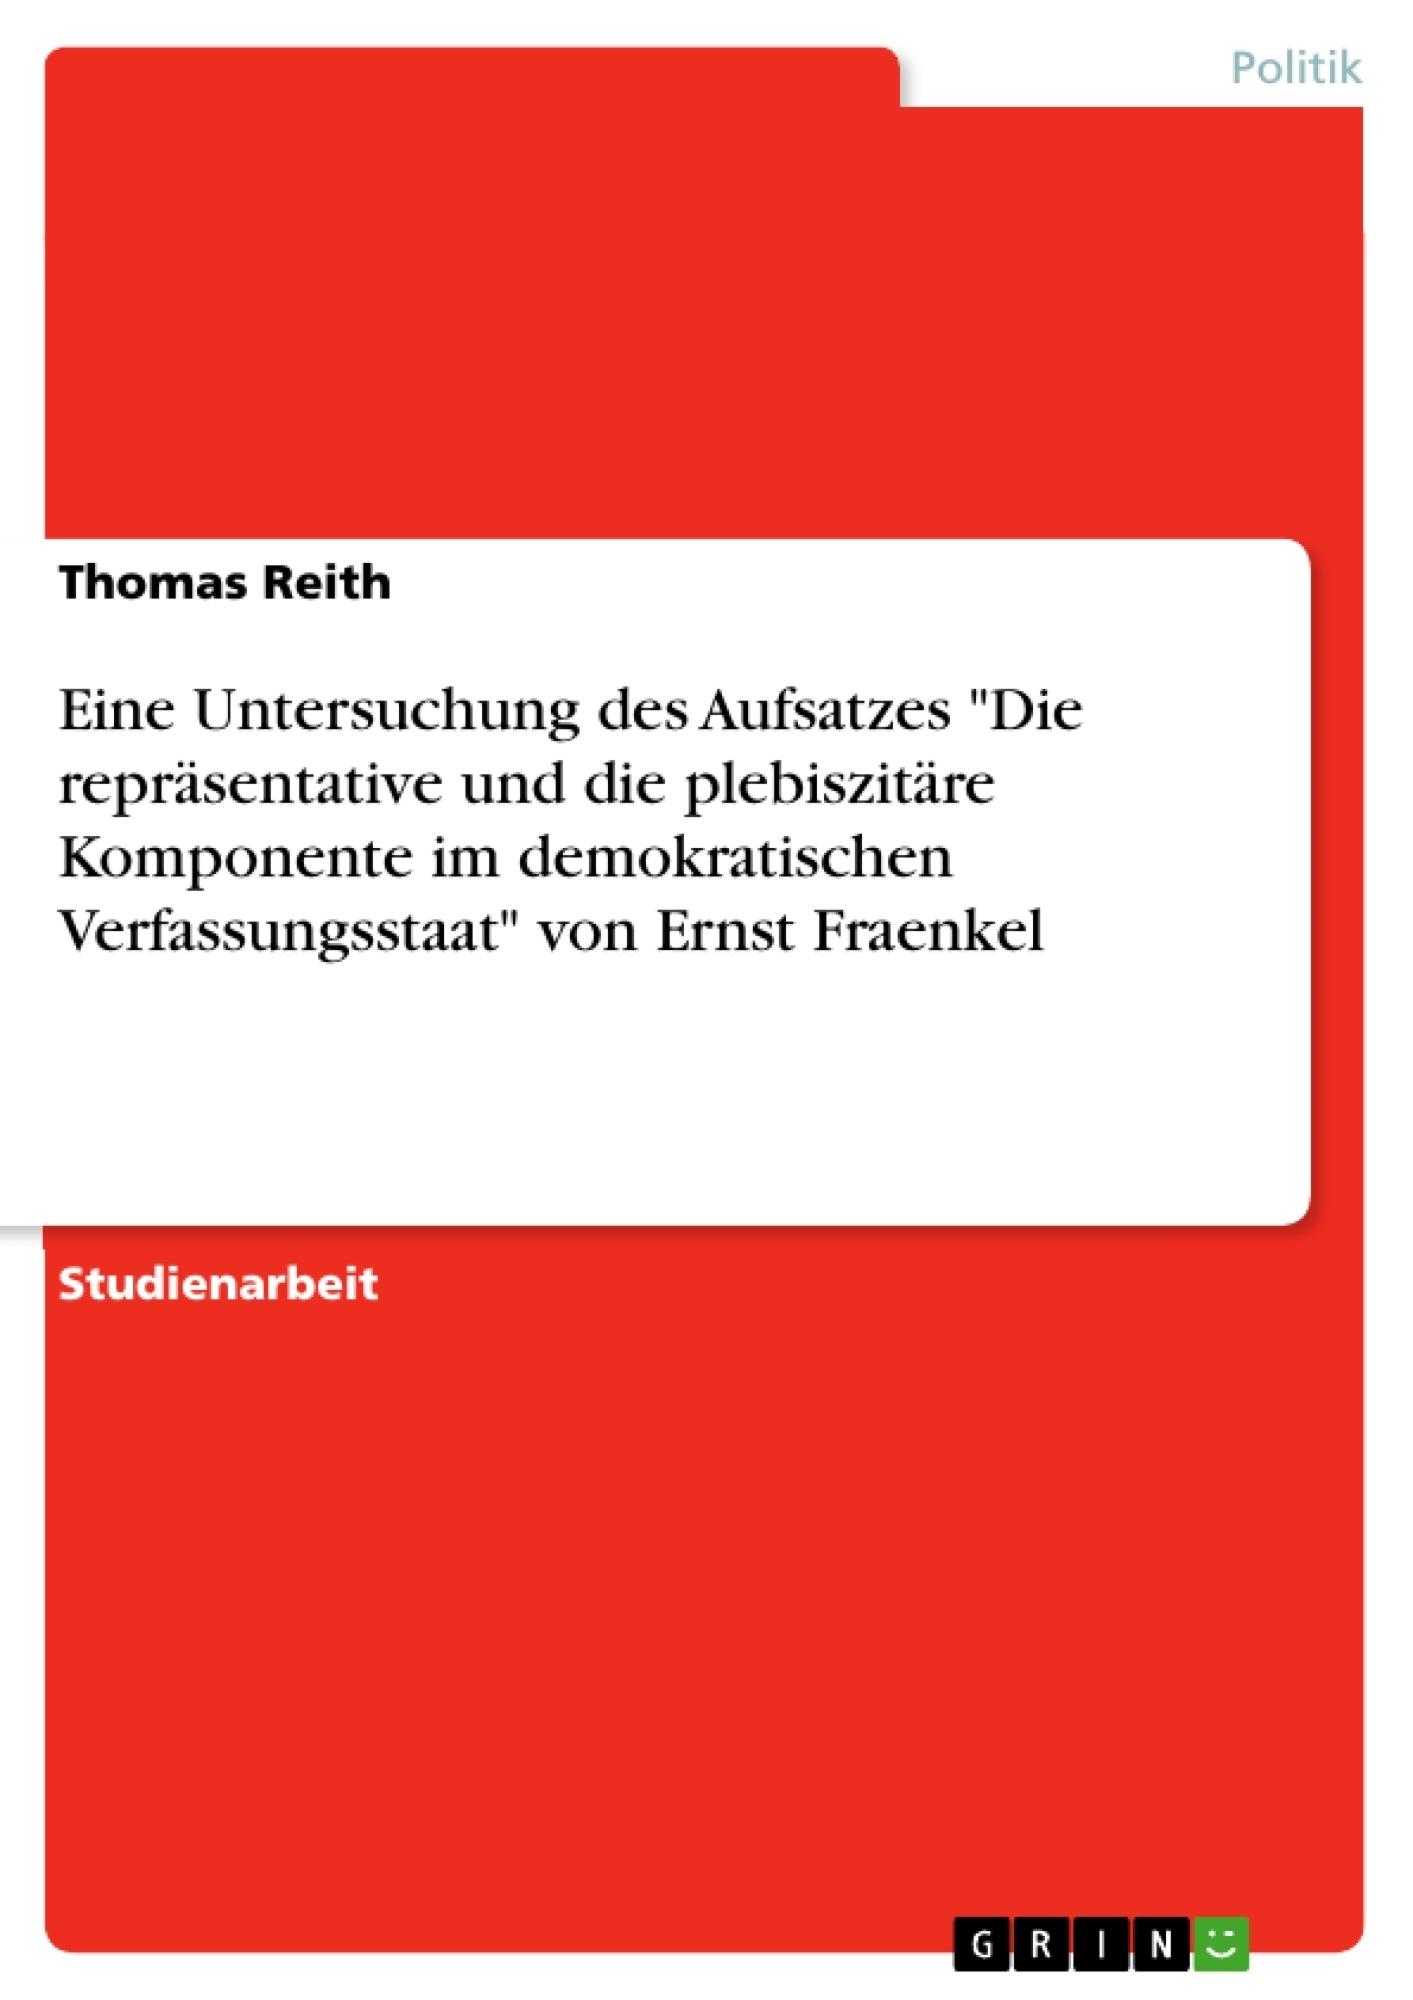 """Titel: Eine Untersuchung des Aufsatzes """"Die repräsentative und die plebiszitäre Komponente im demokratischen Verfassungsstaat"""" von Ernst Fraenkel"""